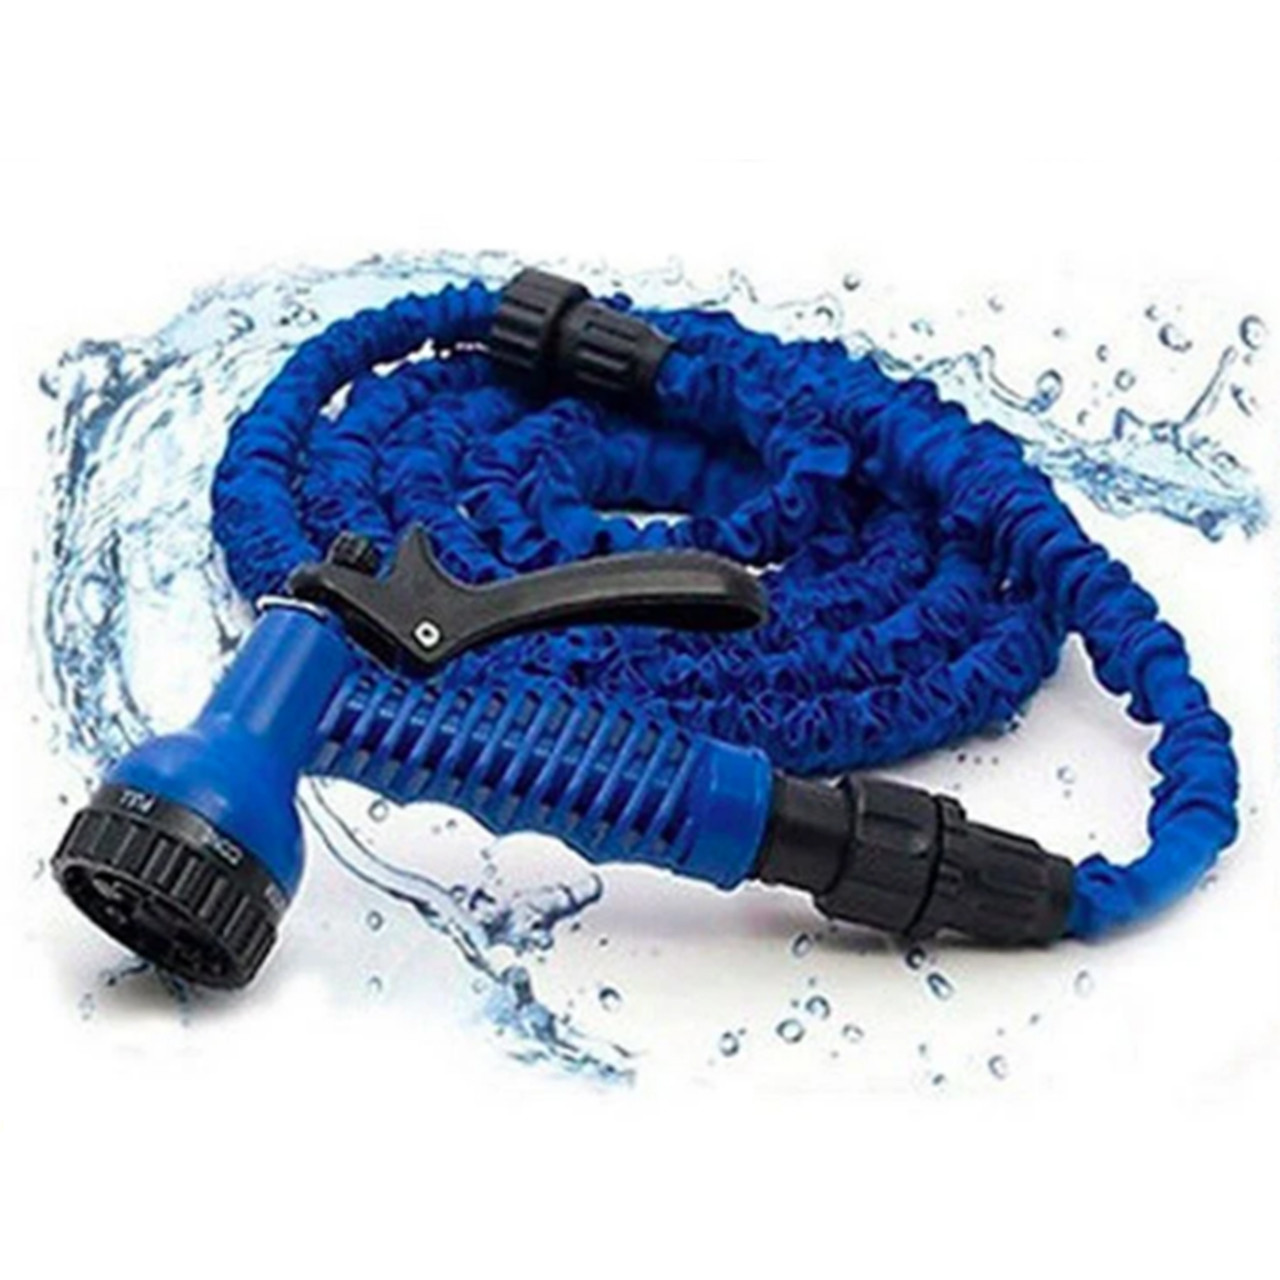 Шланг для полива растяжной Хhose 37.5 м Синий